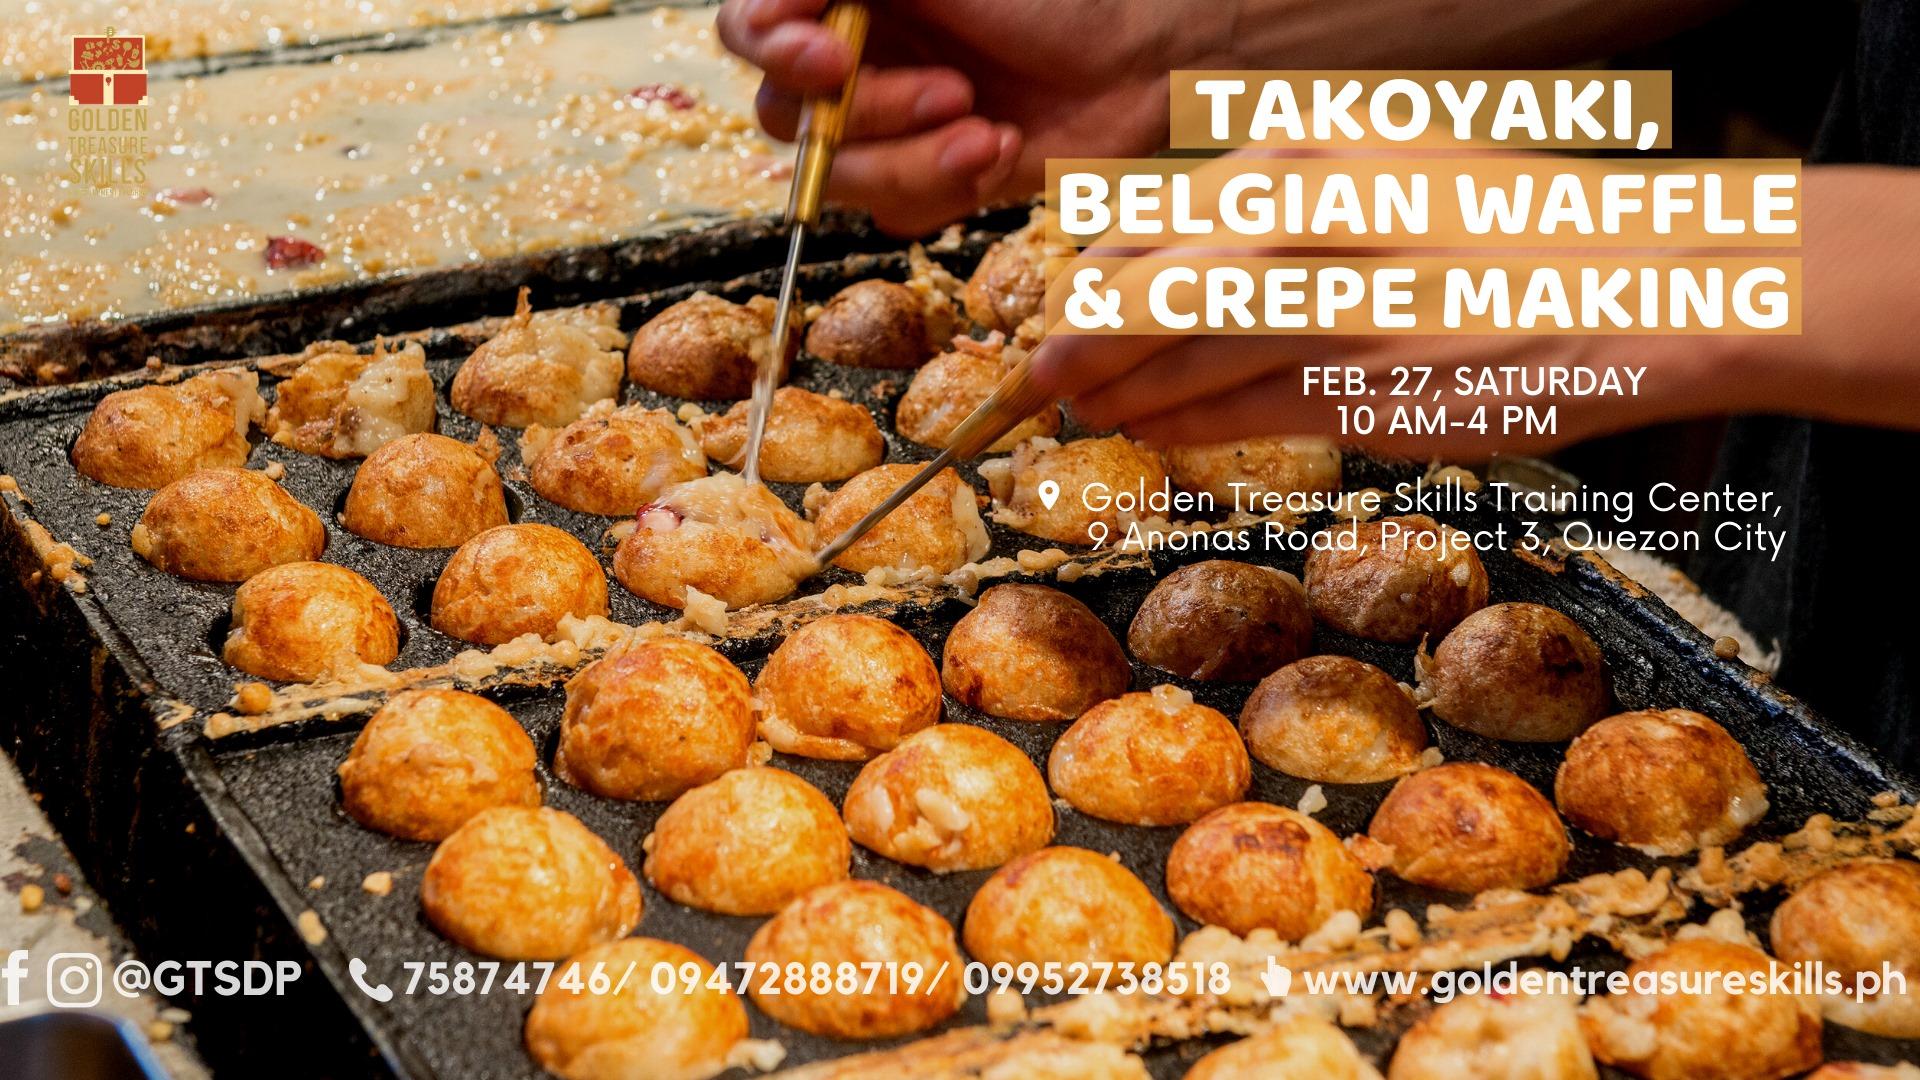 Takoyaki, Belgian Waffle and Crepe Making